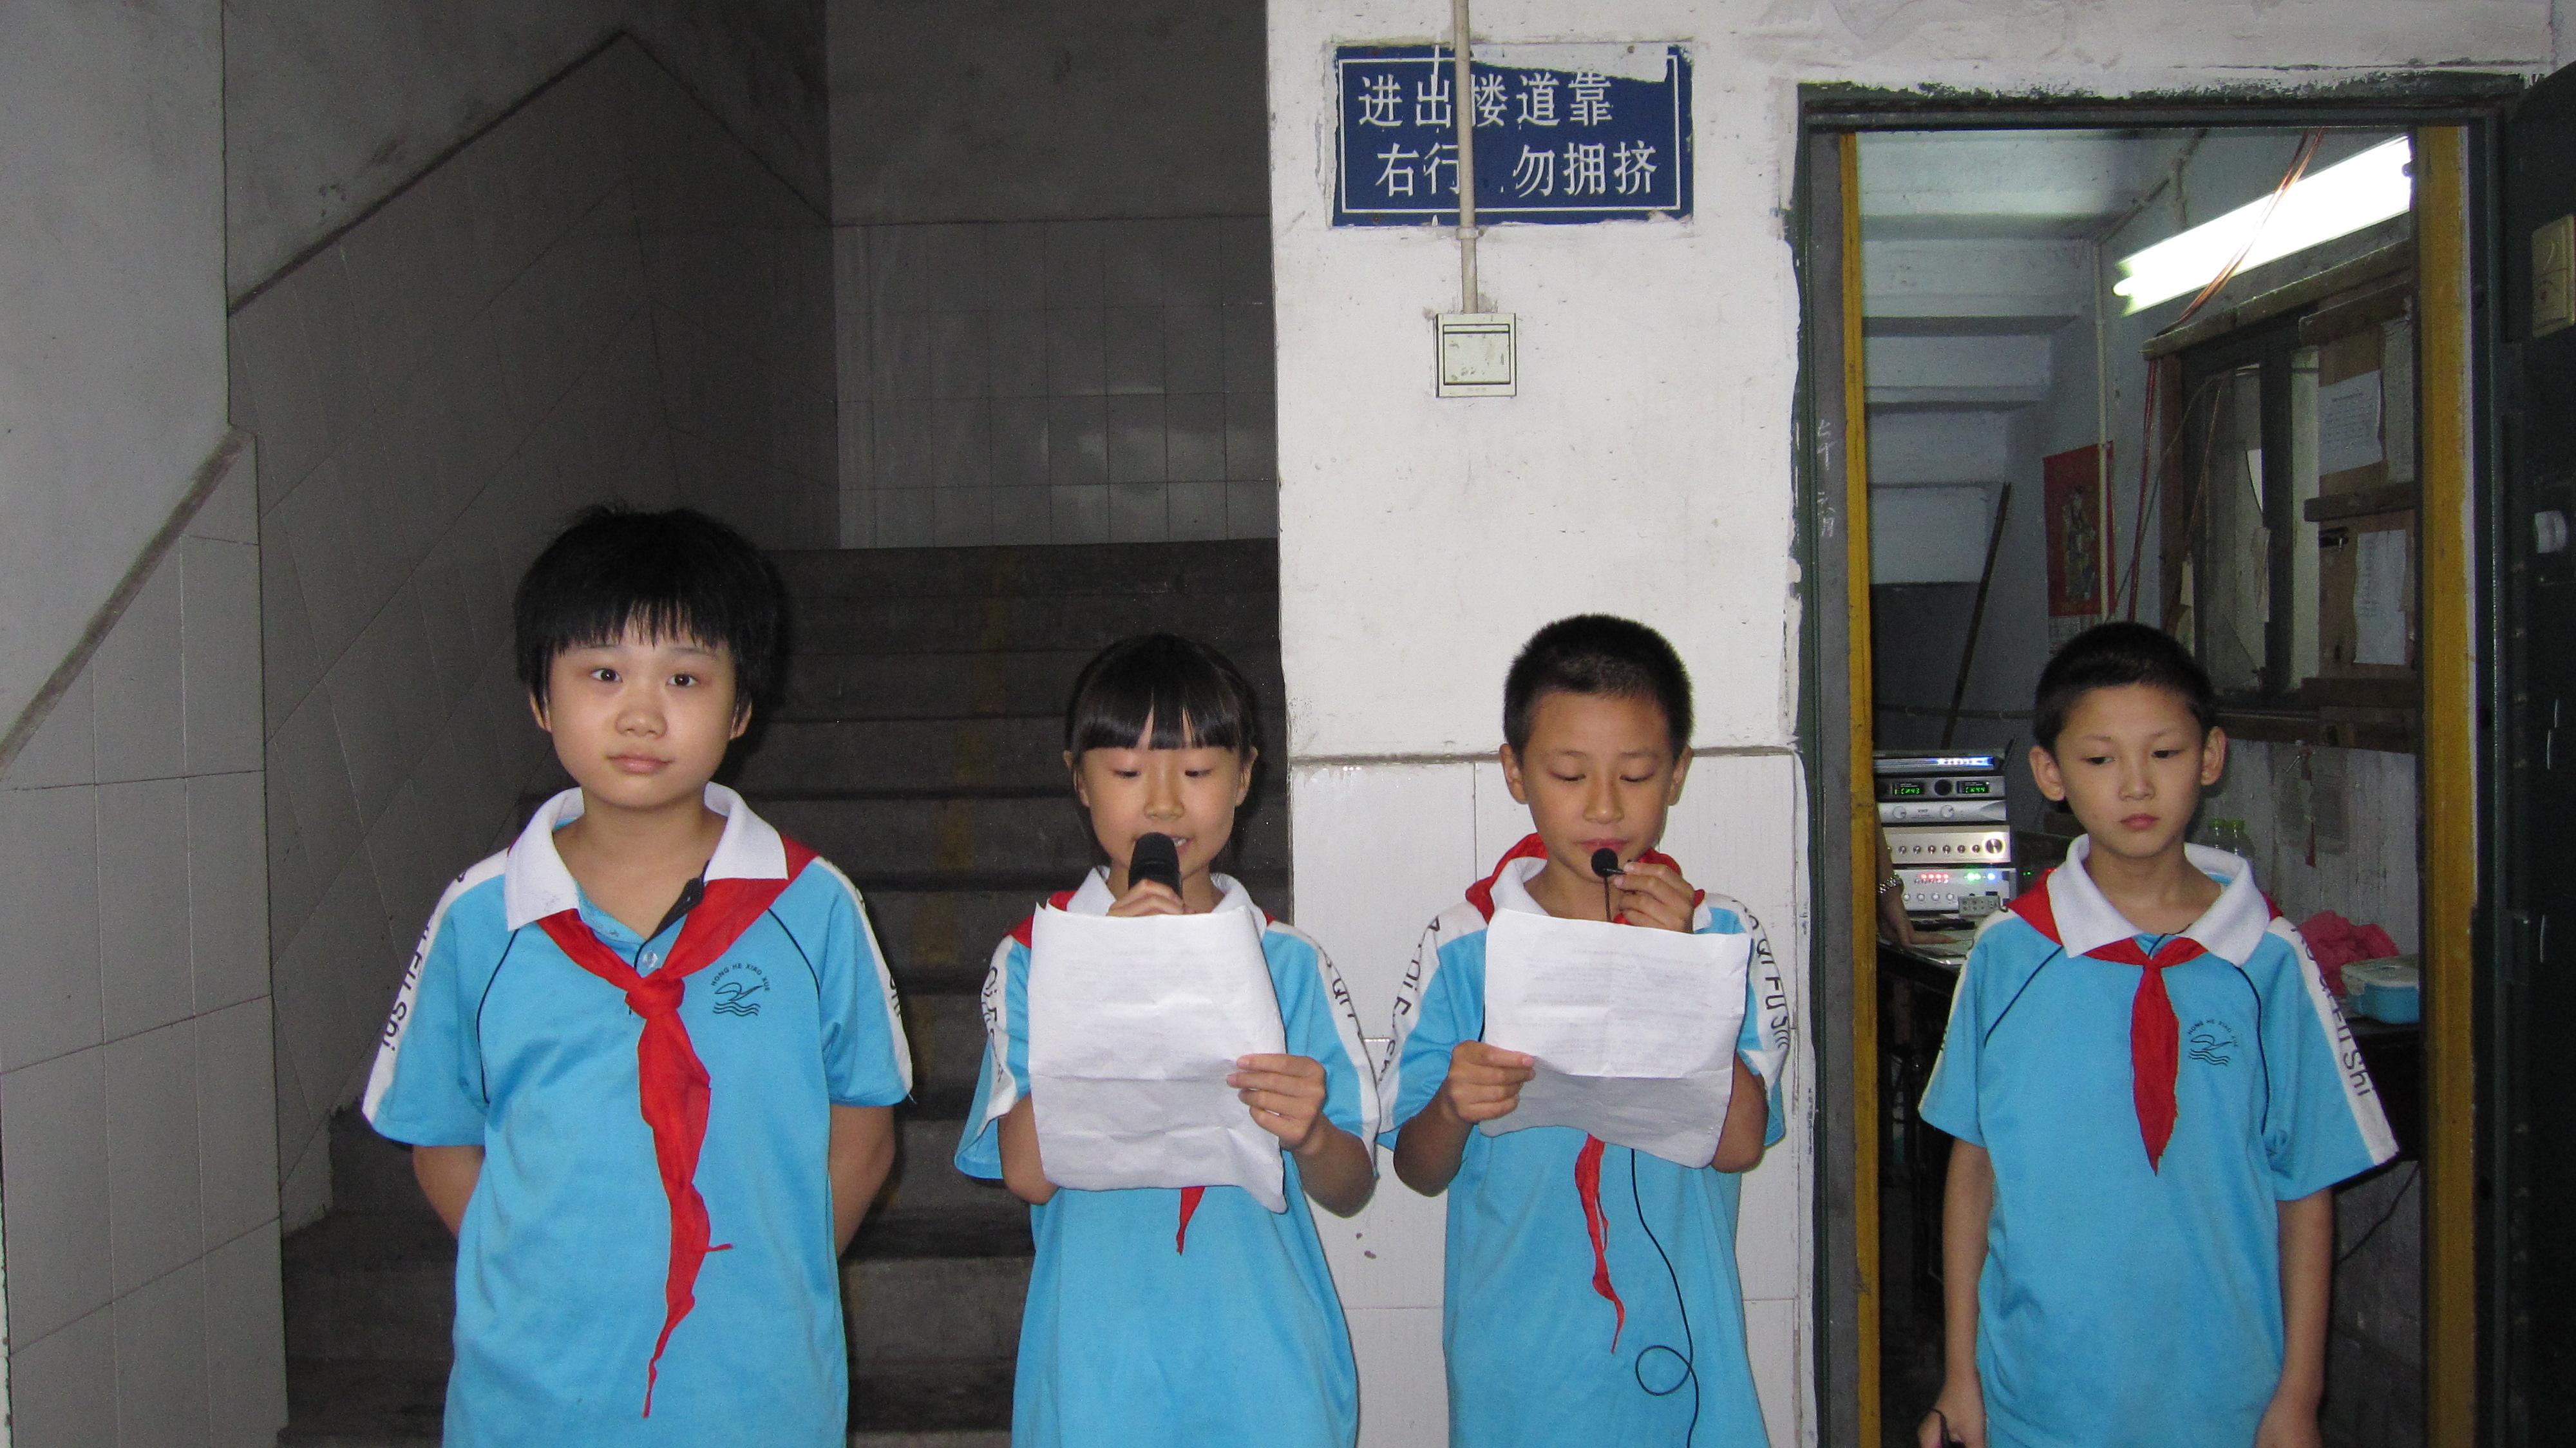 鸿鹤小学举行2013年秋季学期 安全主题教育活动暨开学